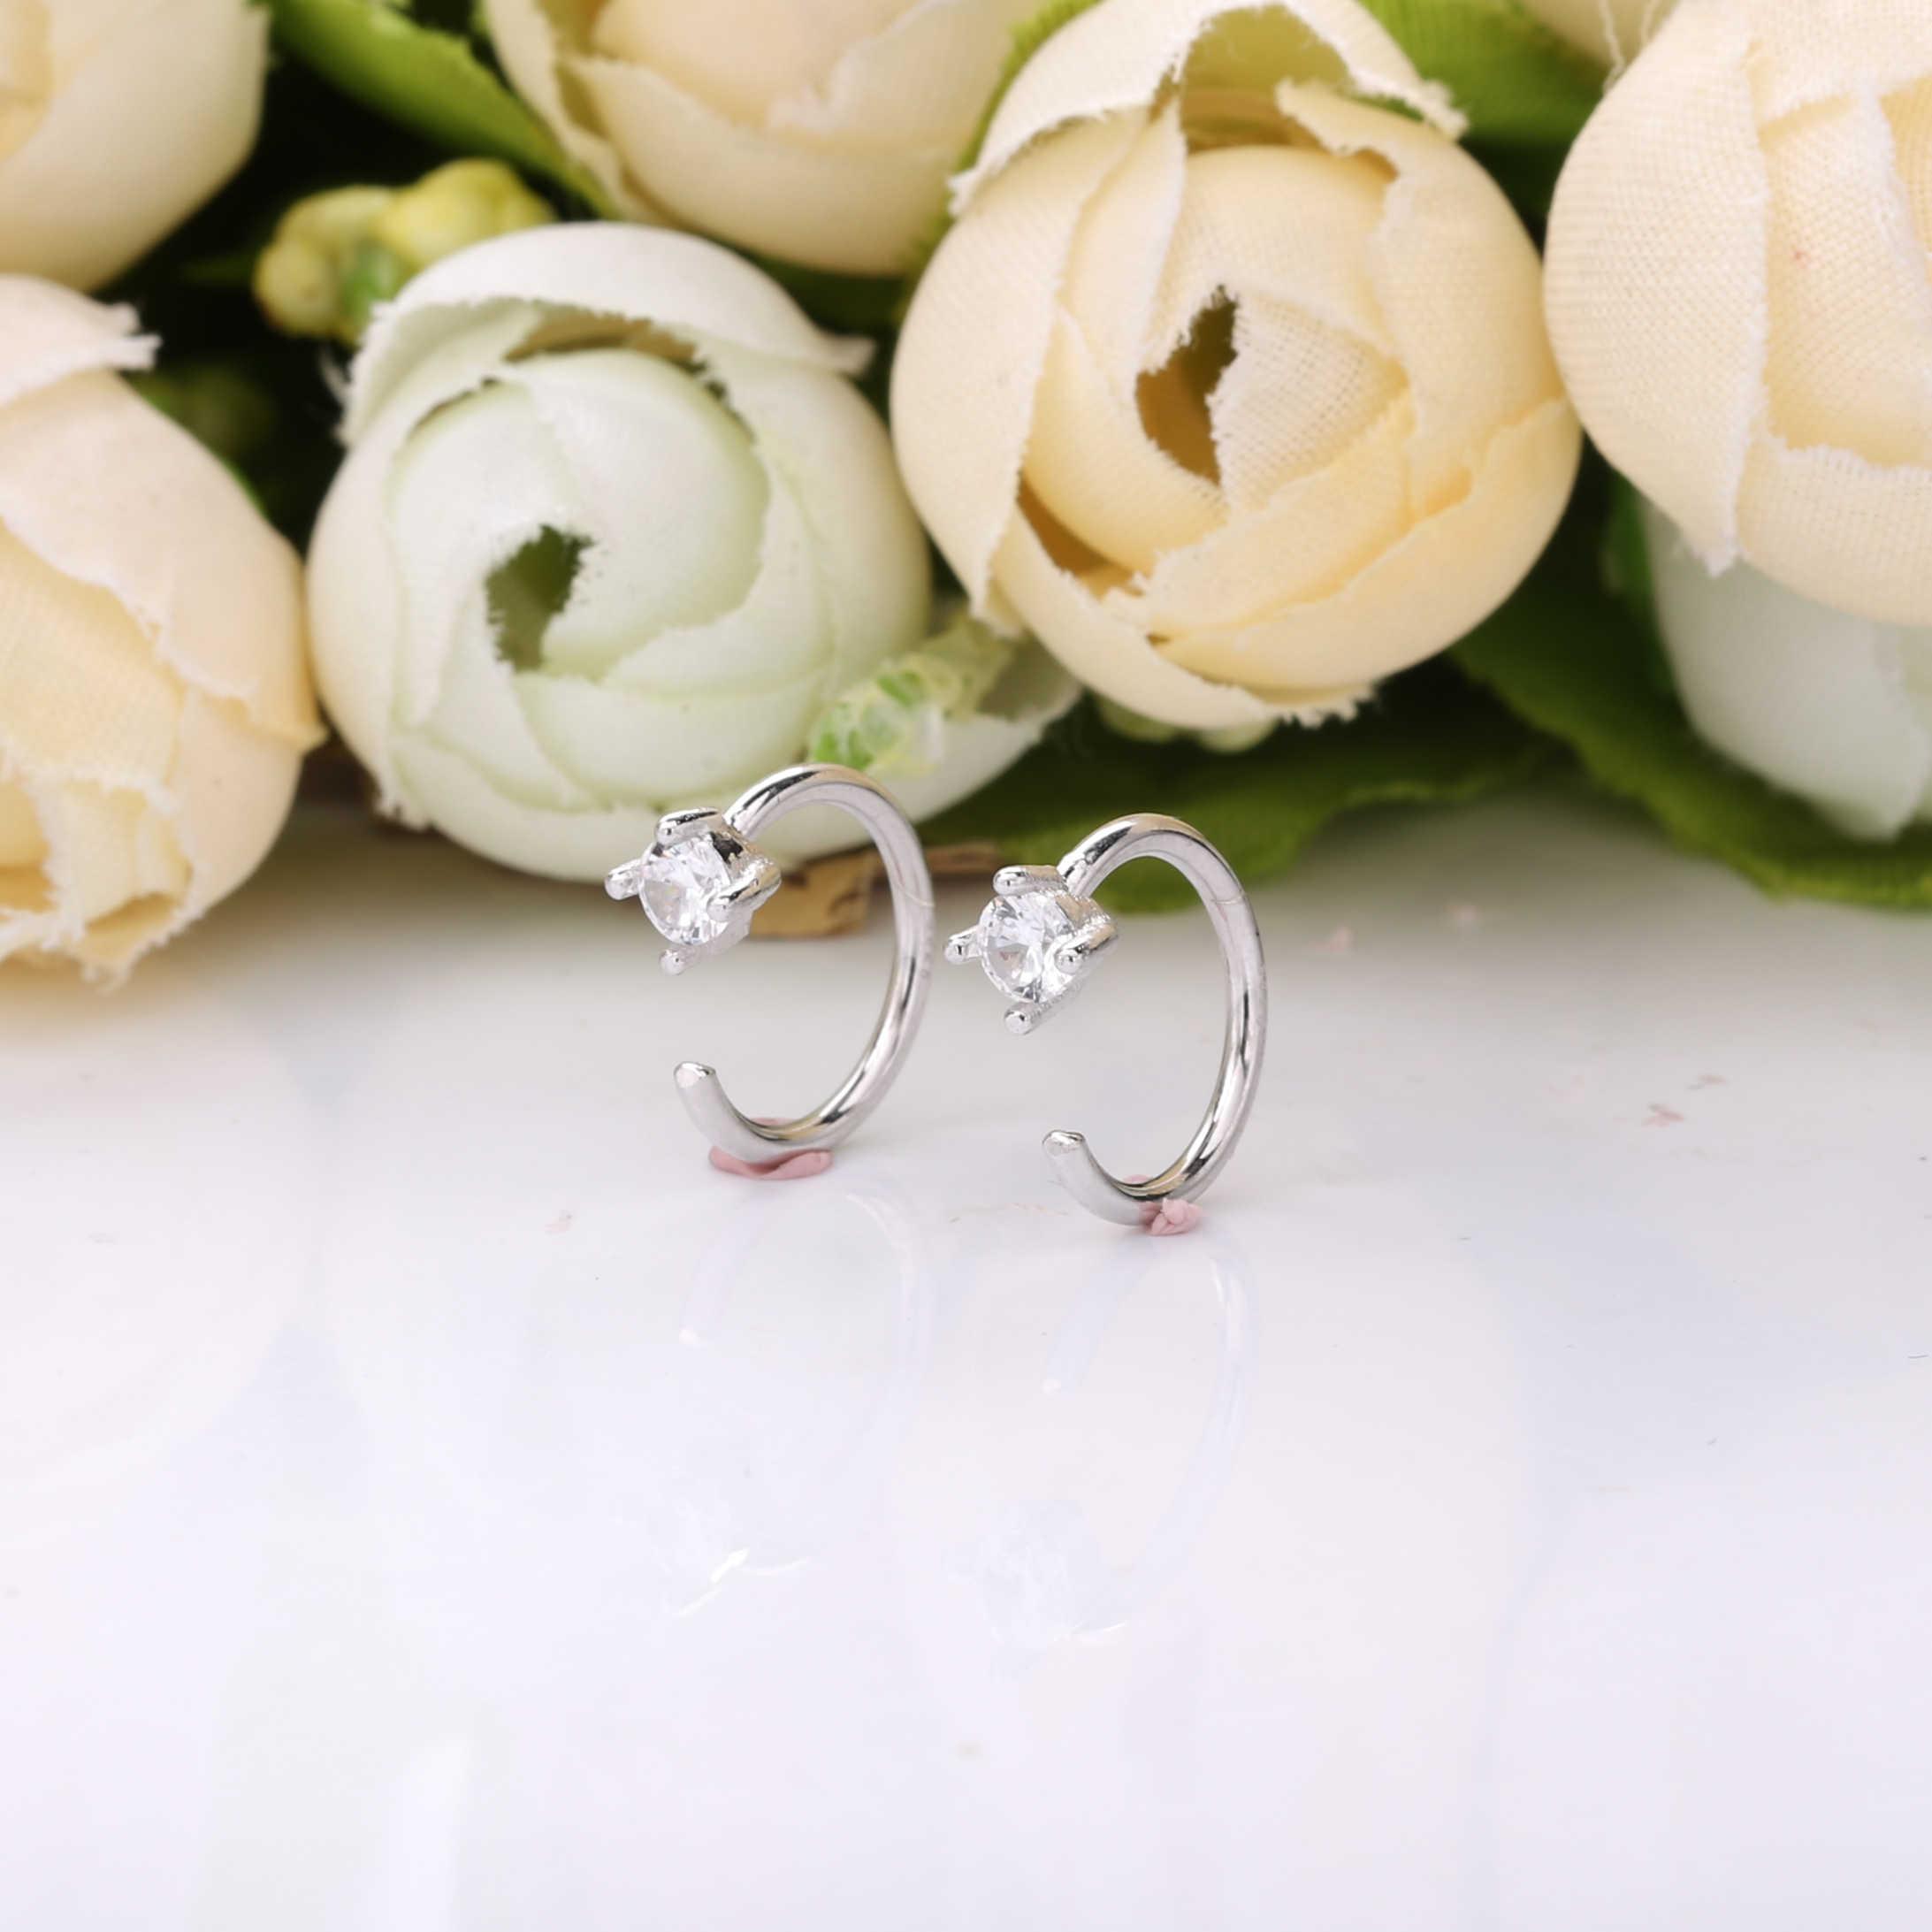 Moonmory regalo de Navidad 925 Plata de Ley Clip en pendientes para mujeres plata 925 joyería pendientes de Clip sin Piercing